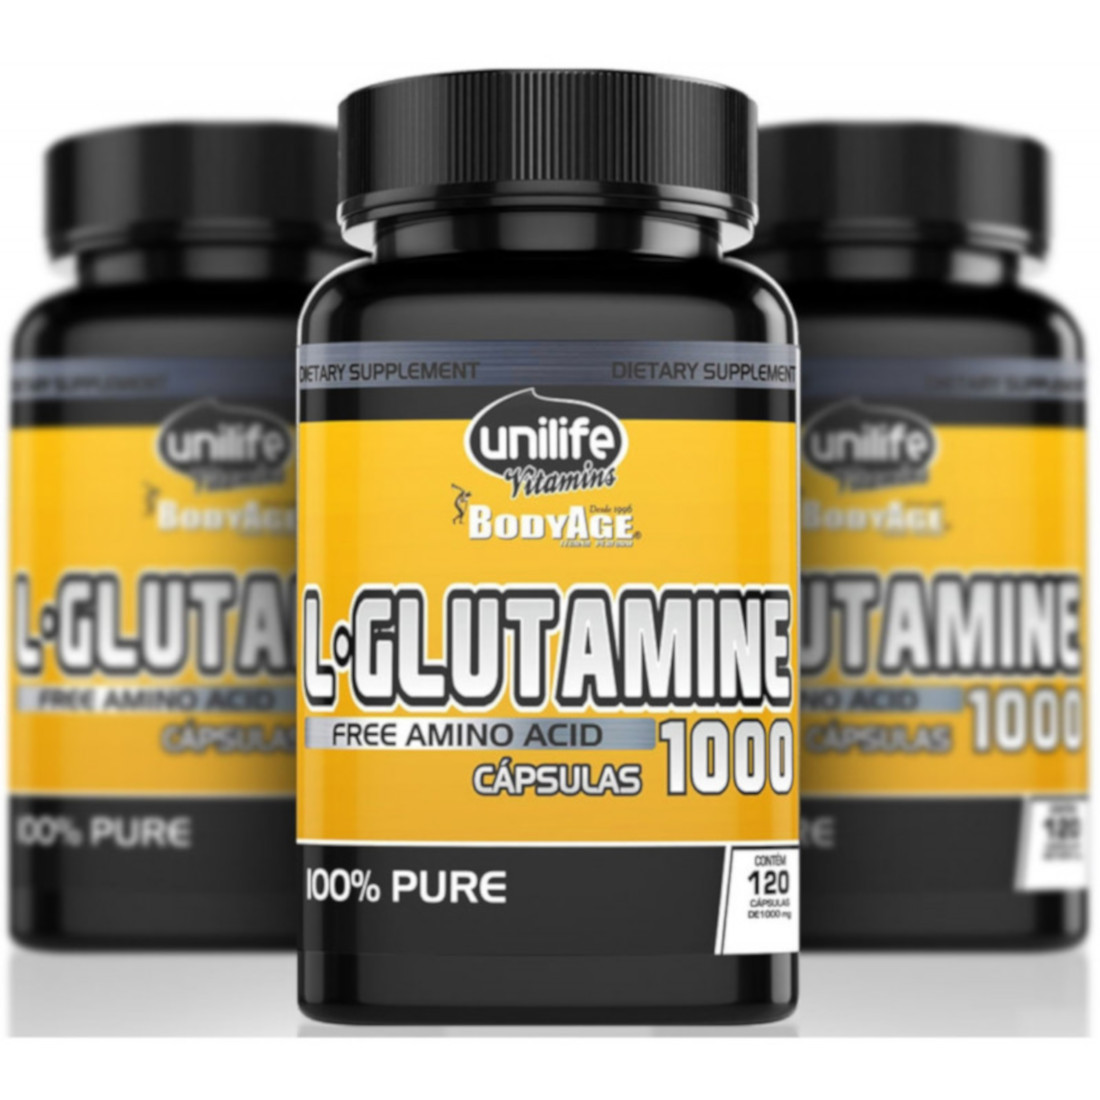 L-Glutamina Amino Ácido 120 Cápsulas de 1000mg Kit com 3